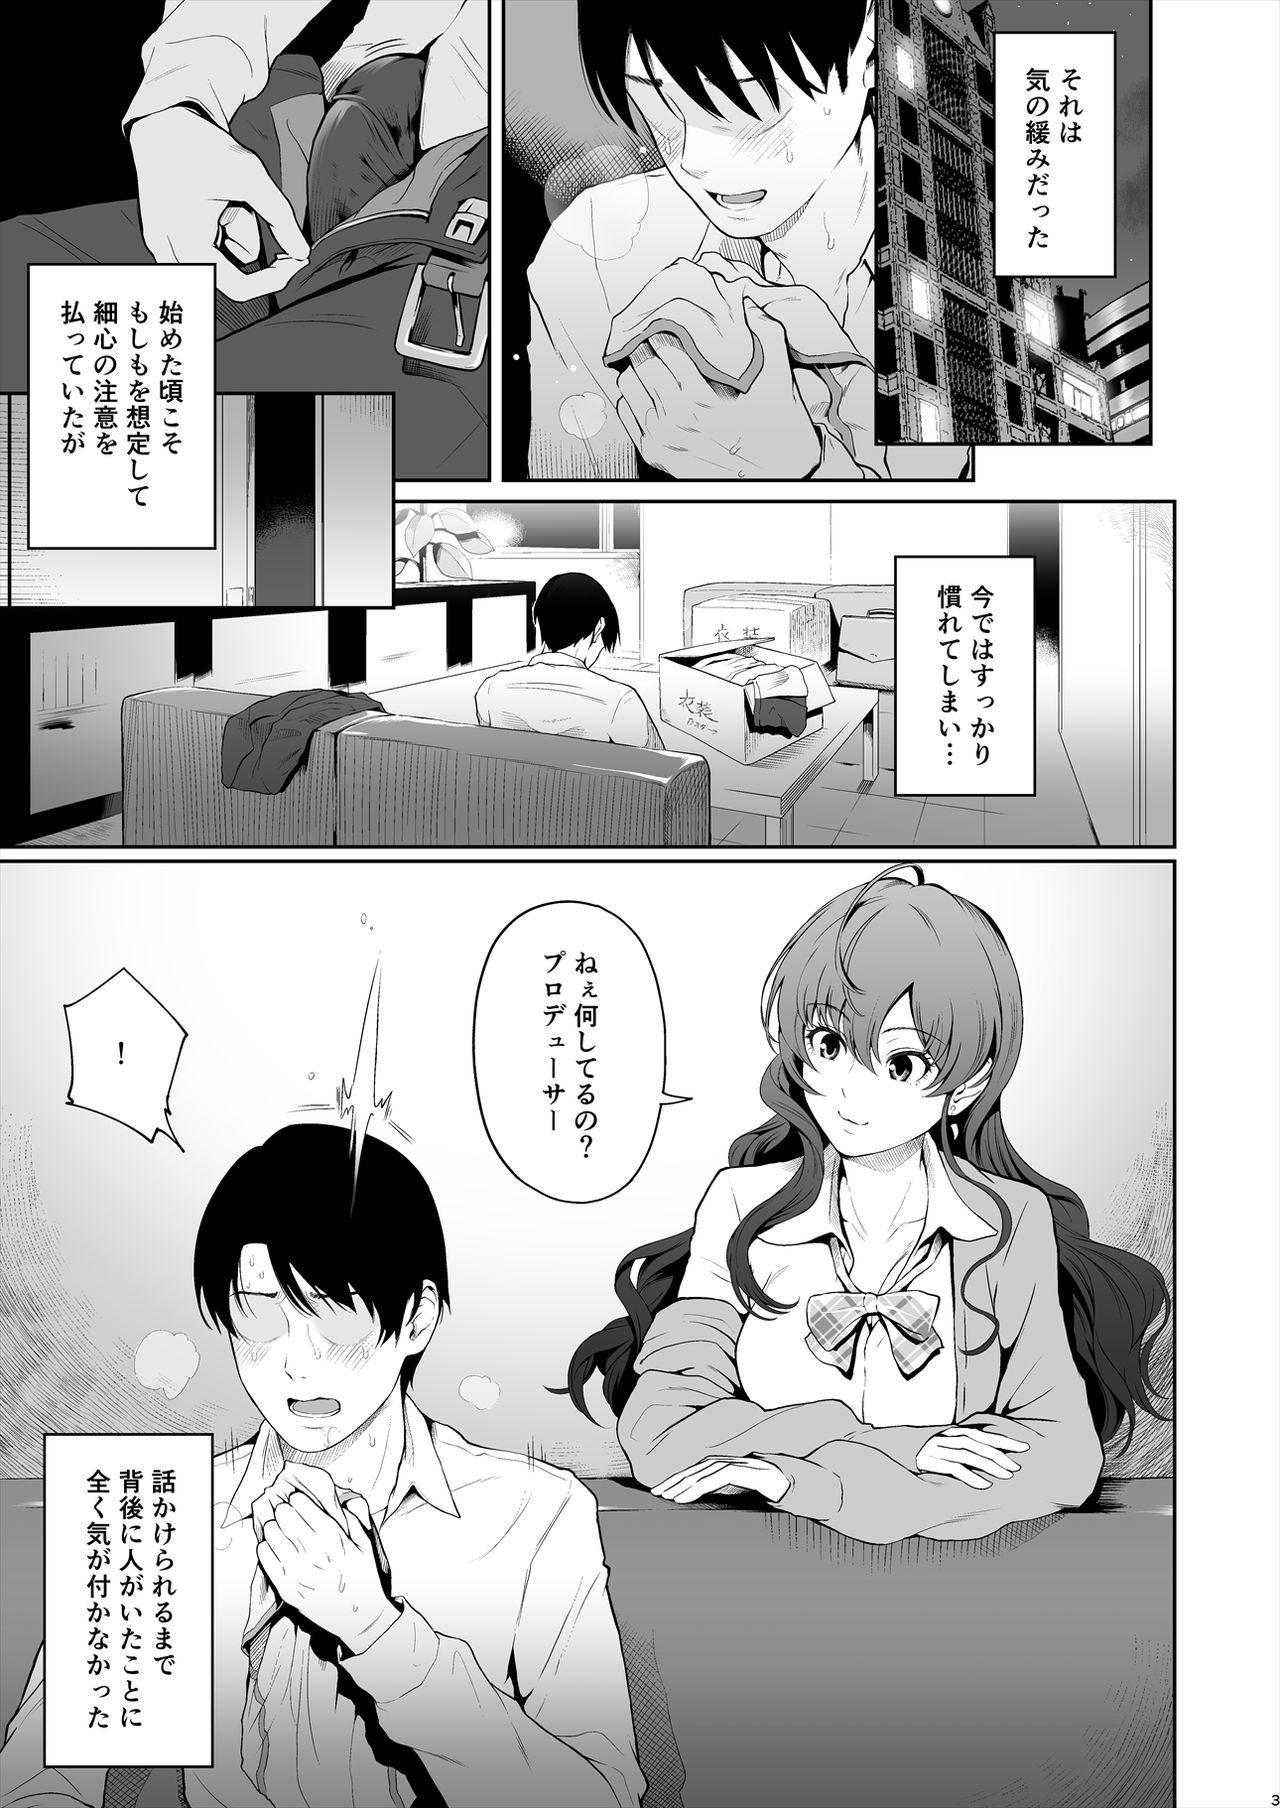 Shiki Winter 2